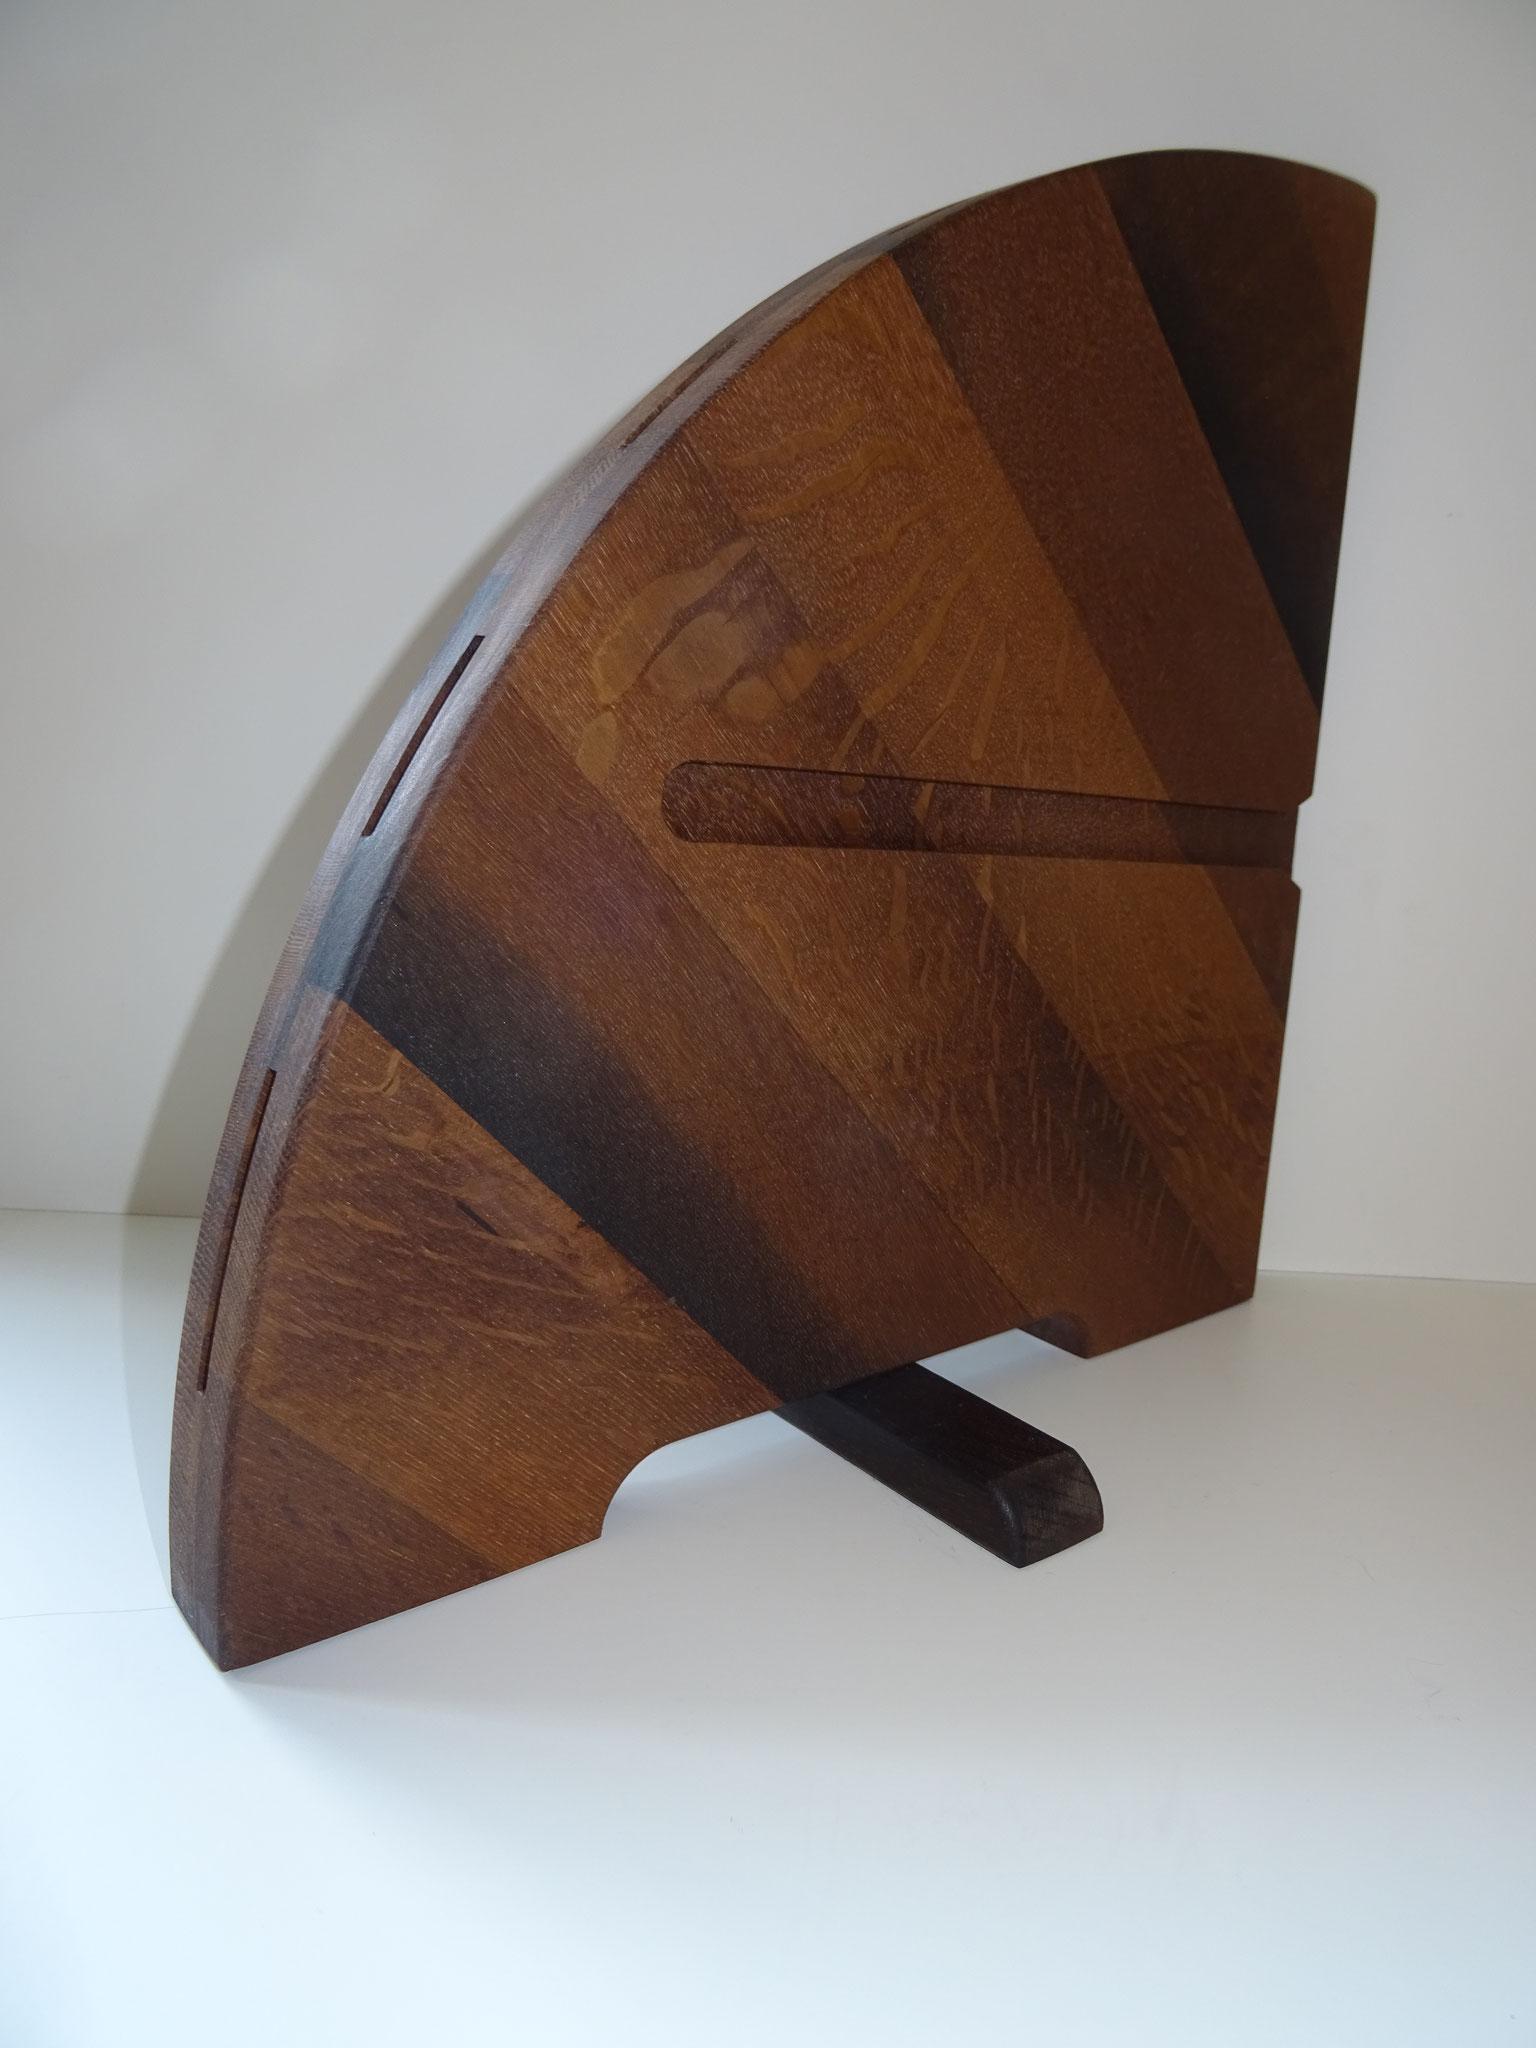 Moor-Eiche diagonal gemasert (Farb-Beispiel)